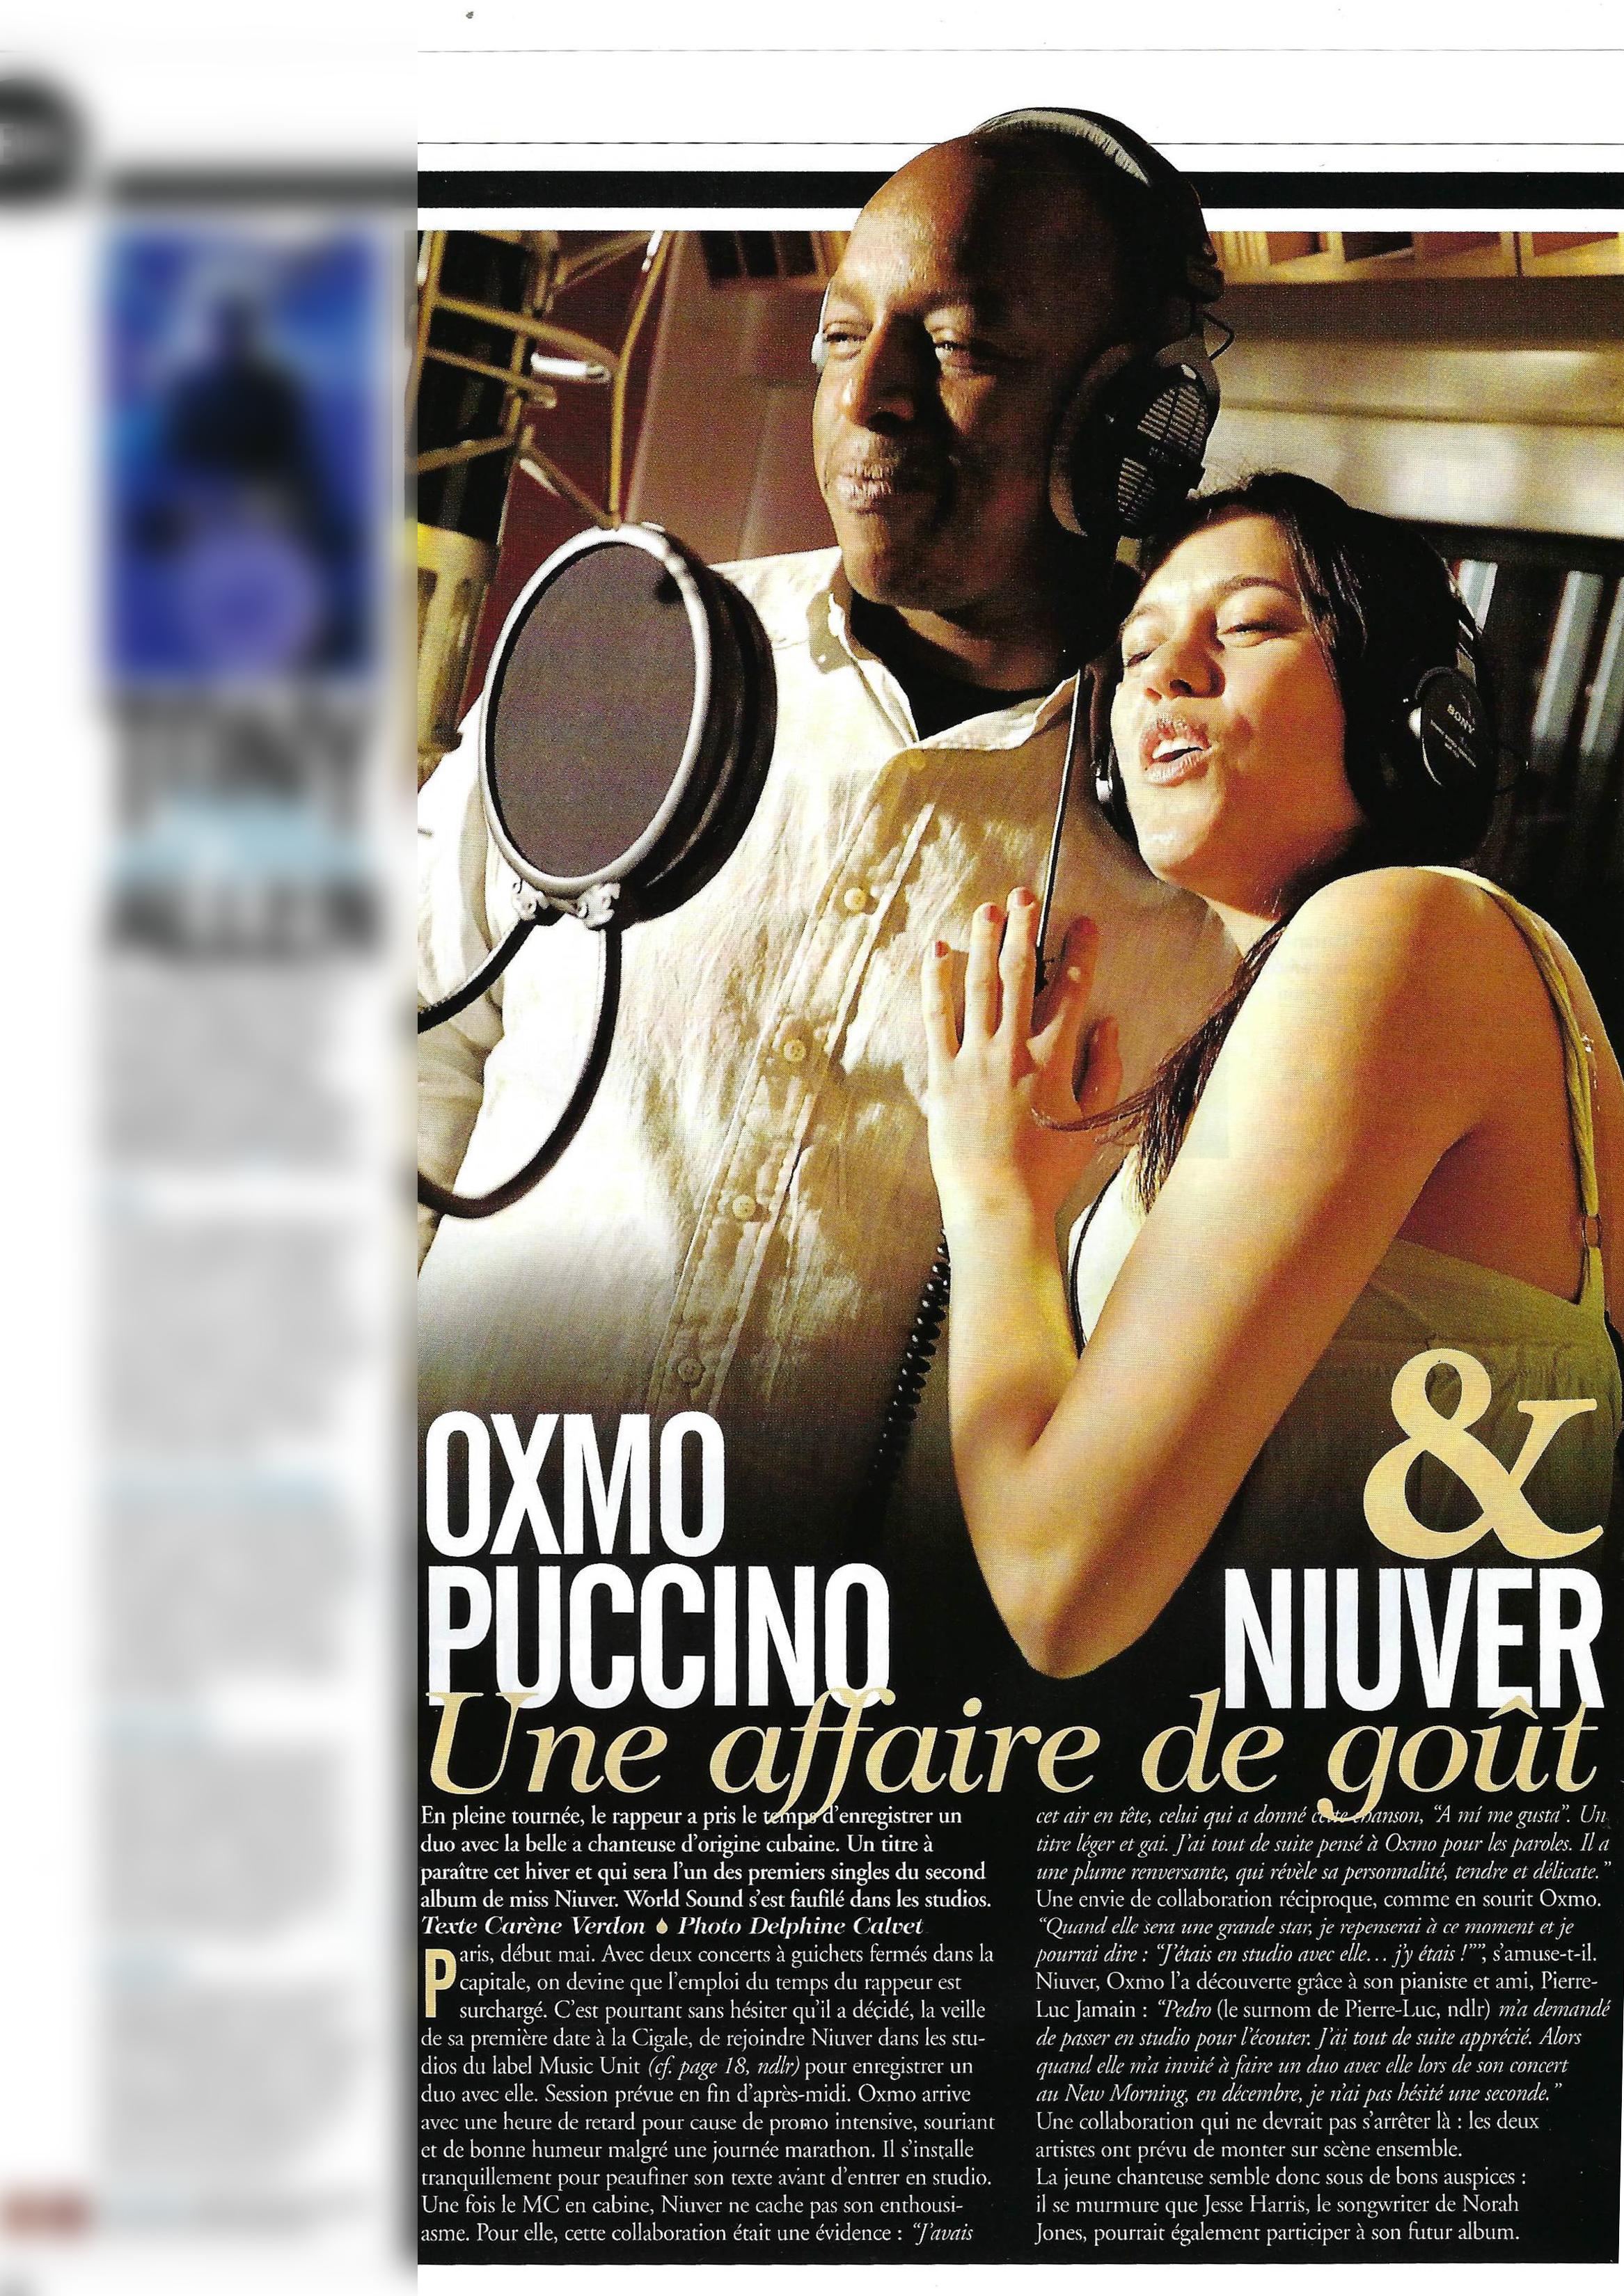 Oxmo Puccino & Niuver (World Sound)